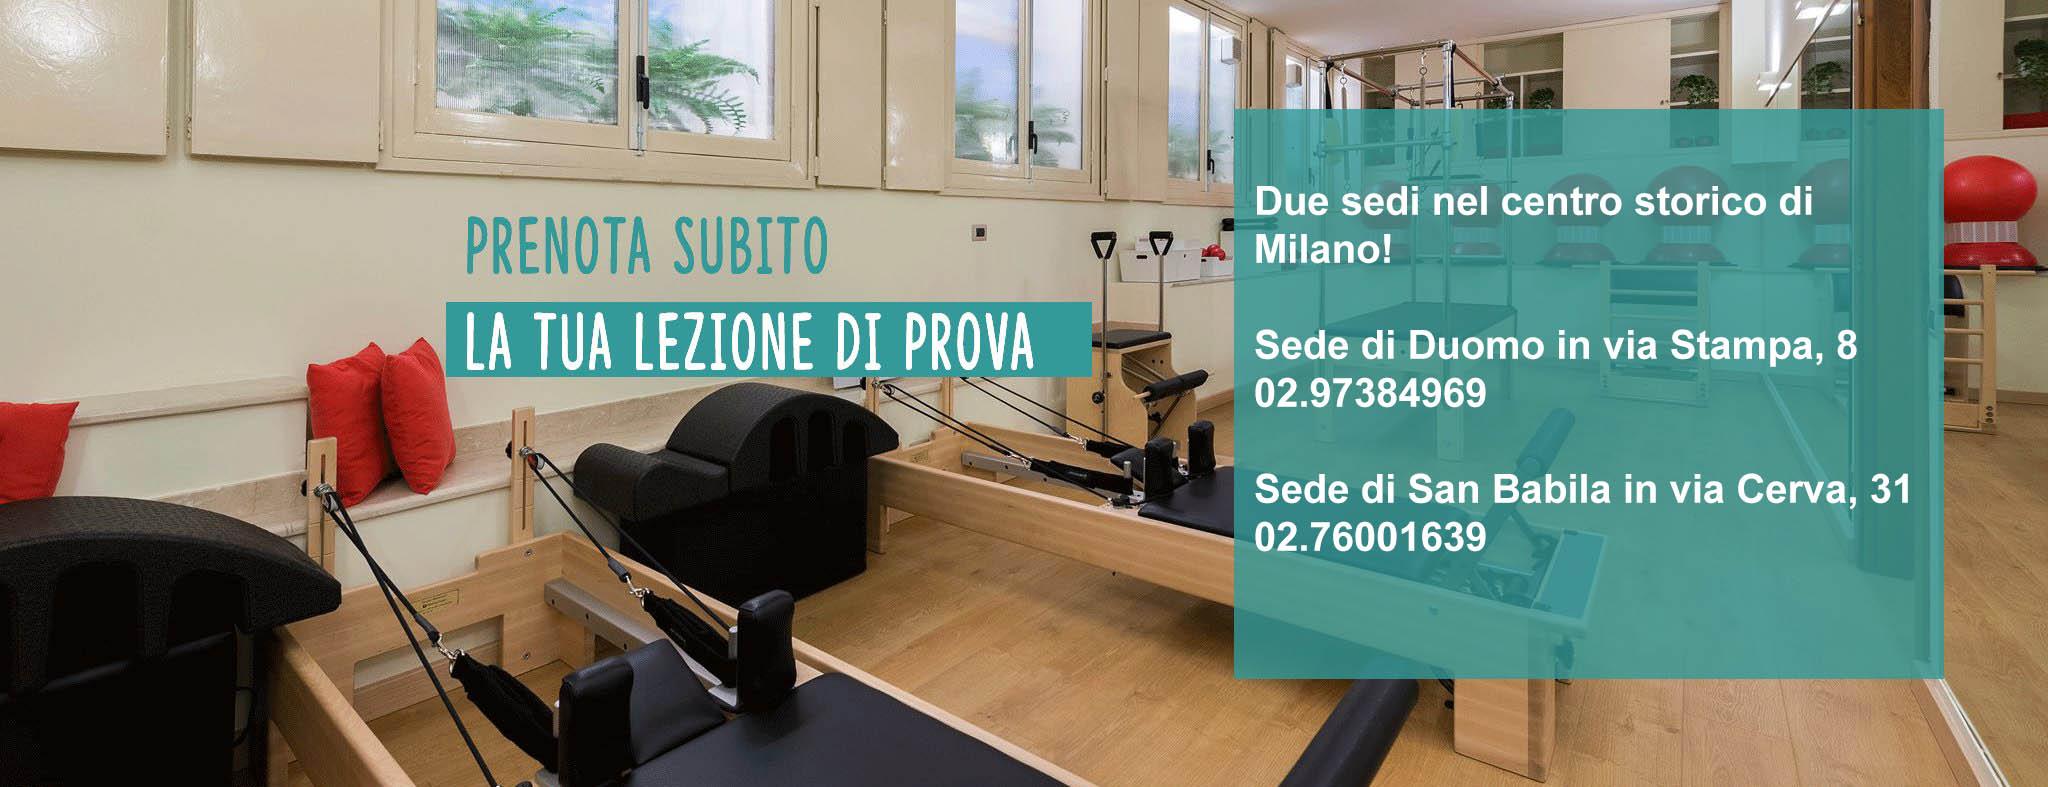 Palestra Pilates Porta Volta Milano - Prenota subito la tua lezione di prova